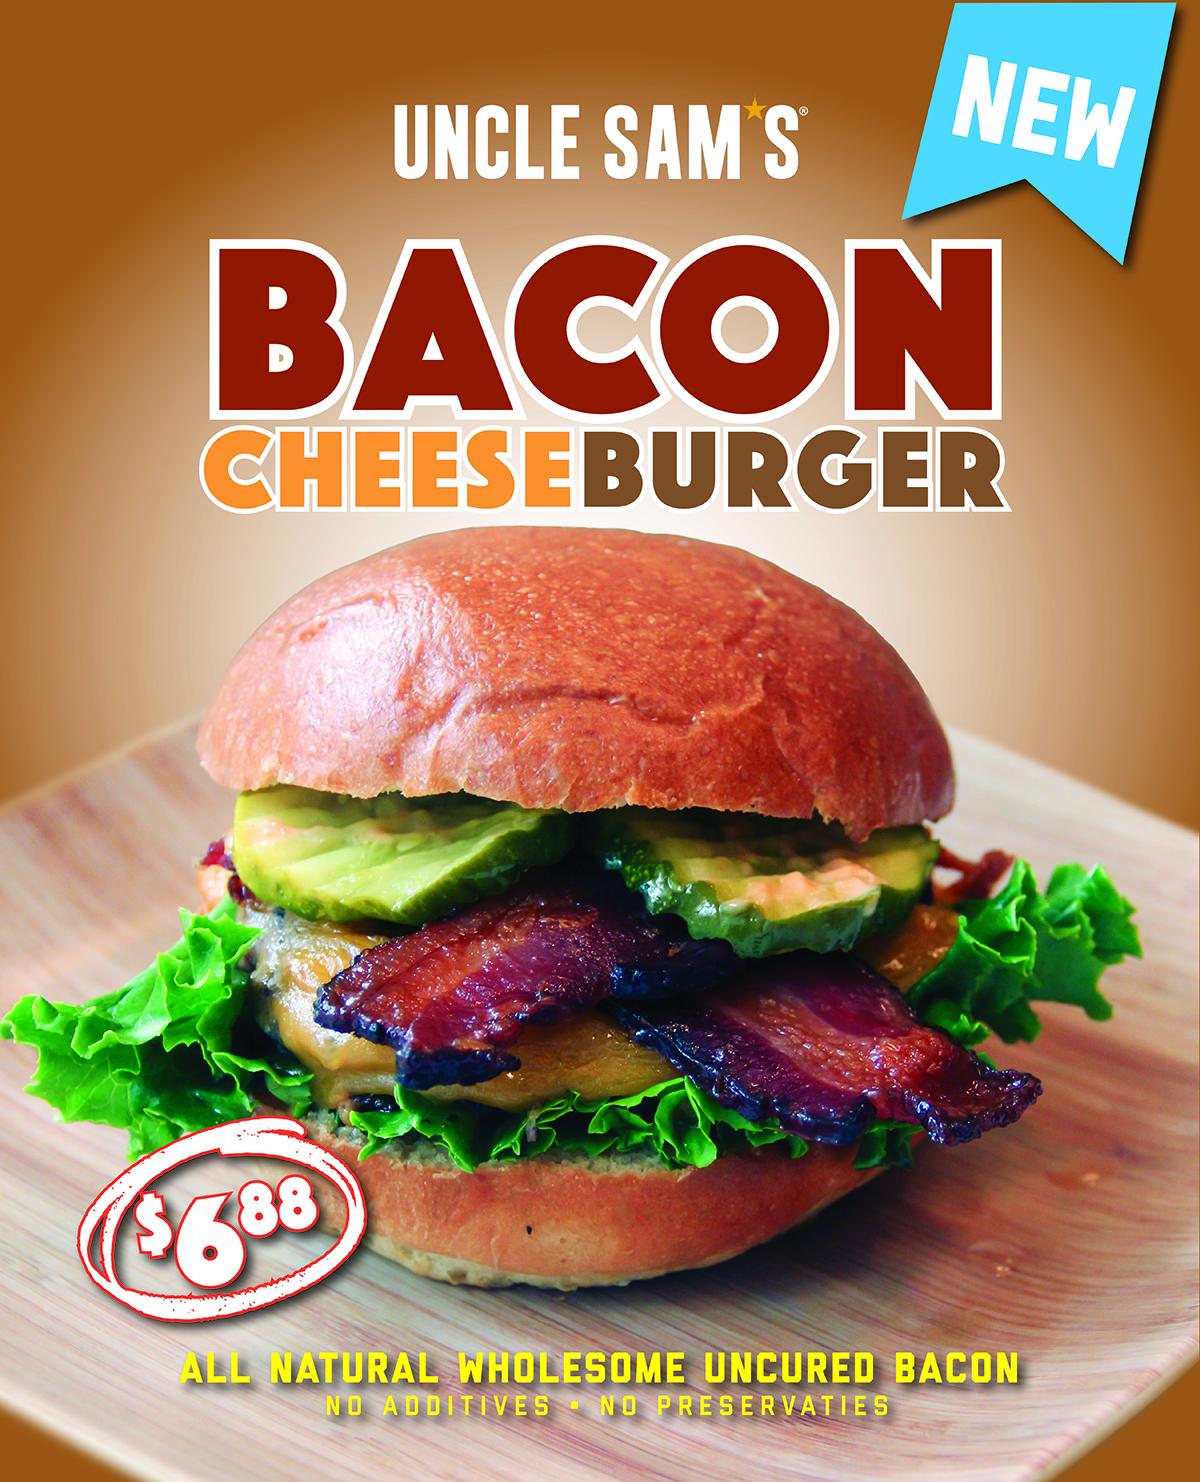 Bacon Cheeseburger - Tech Frame Poster-01.jpg